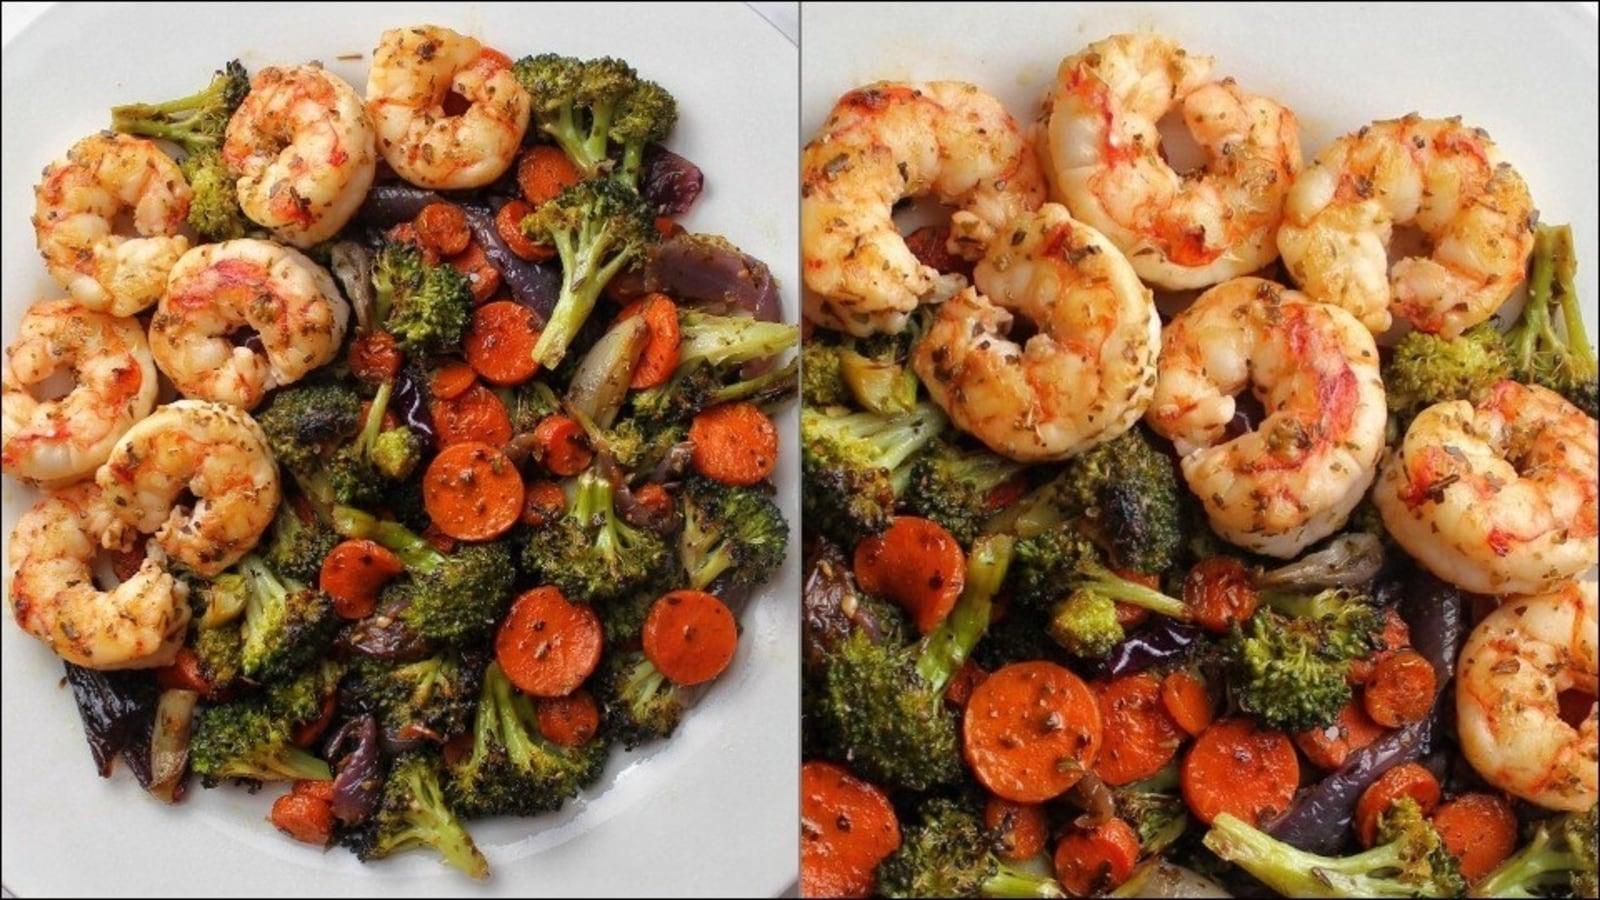 Recipe: Greek veggies with sautéed shrimp in a Greek lemon dressing for dinner